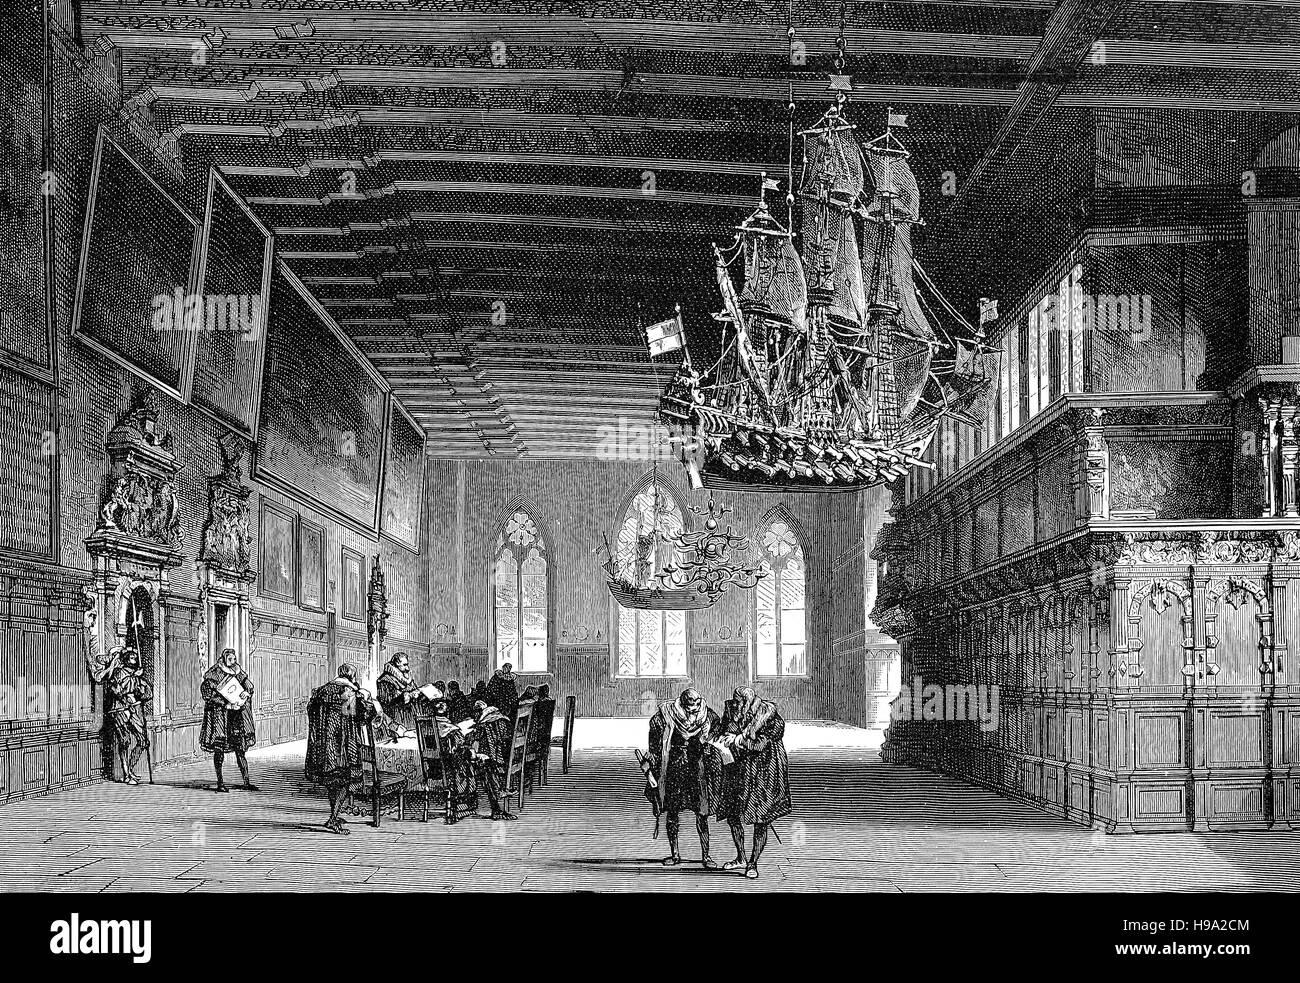 der saal im rathaus von bremen deutschland etwa 1500 historische illustration stockfoto bild. Black Bedroom Furniture Sets. Home Design Ideas